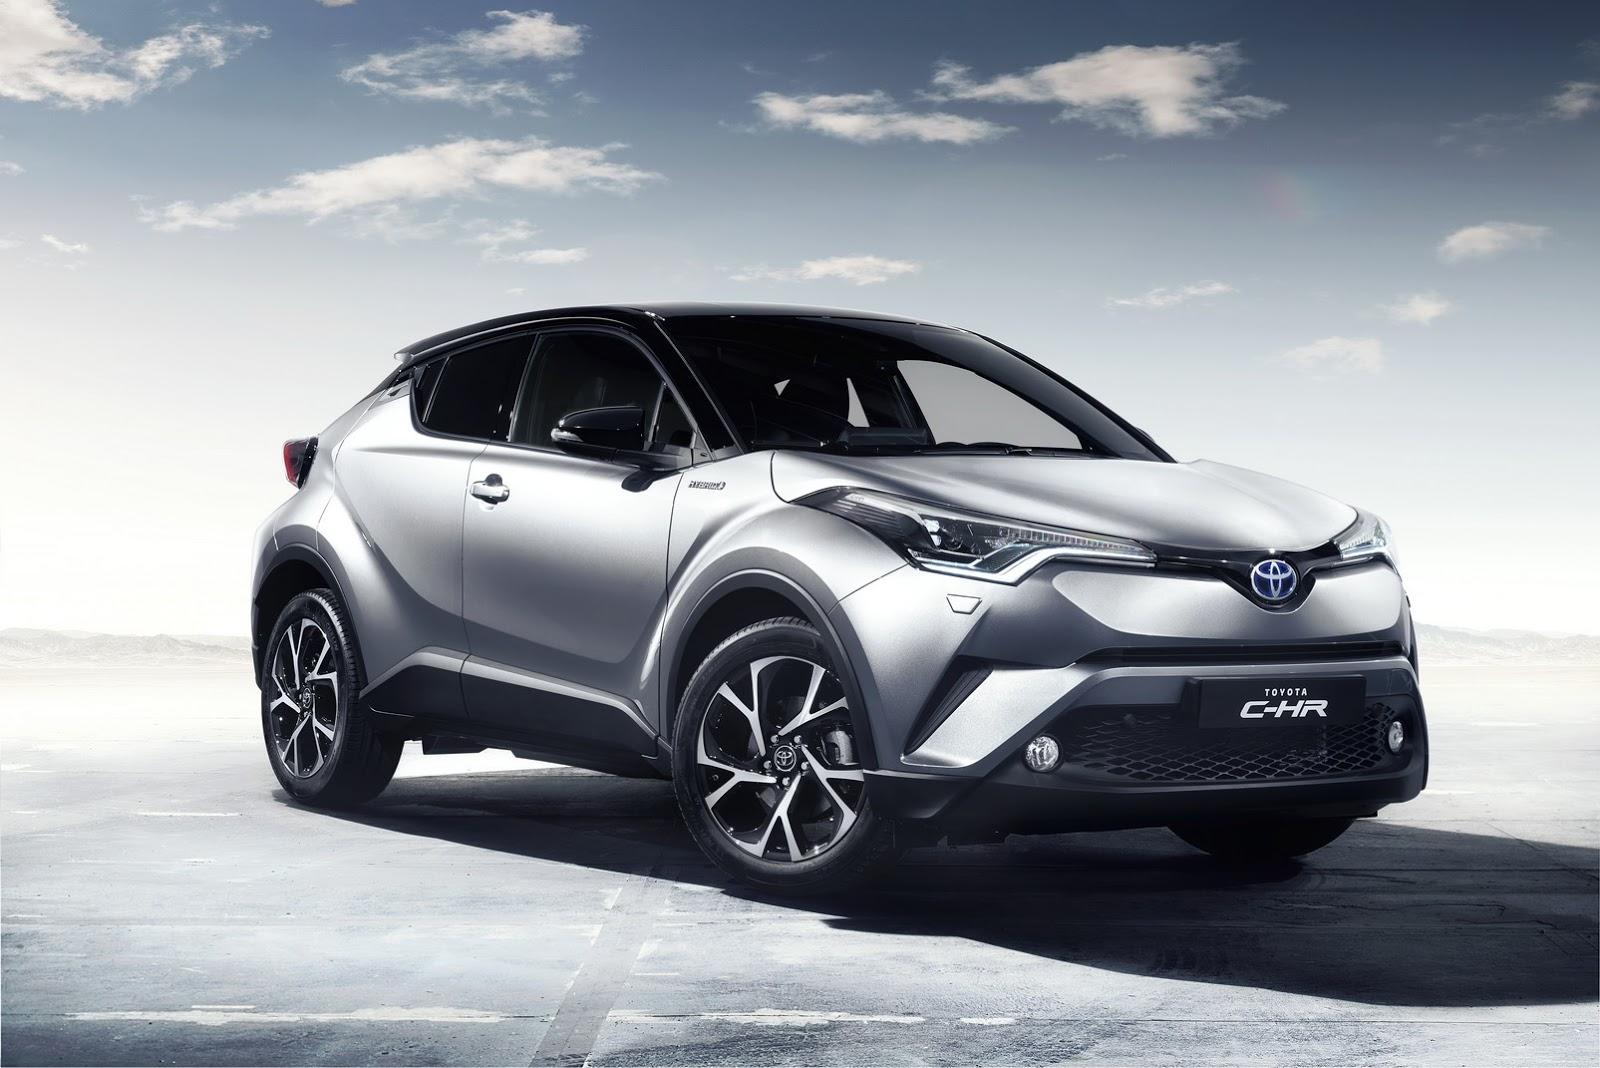 Tại thị trường châu Âu, Toyota C-HR có 2 tùy chọn động cơ khác nhau. Trong đó, bản tiêu chuẩn của Toyota C-HR sử dụng động cơ xăng 4 xy-lanh, tăng áp, dung tích 1,2 lít, sản sinh công suất tối đa 114 mã lực và mô-men xoắn cực đại 185 Nm. Mức tiêu thụ nhiên liệu trung bình của động cơ này là 5,7 lít/100 km.